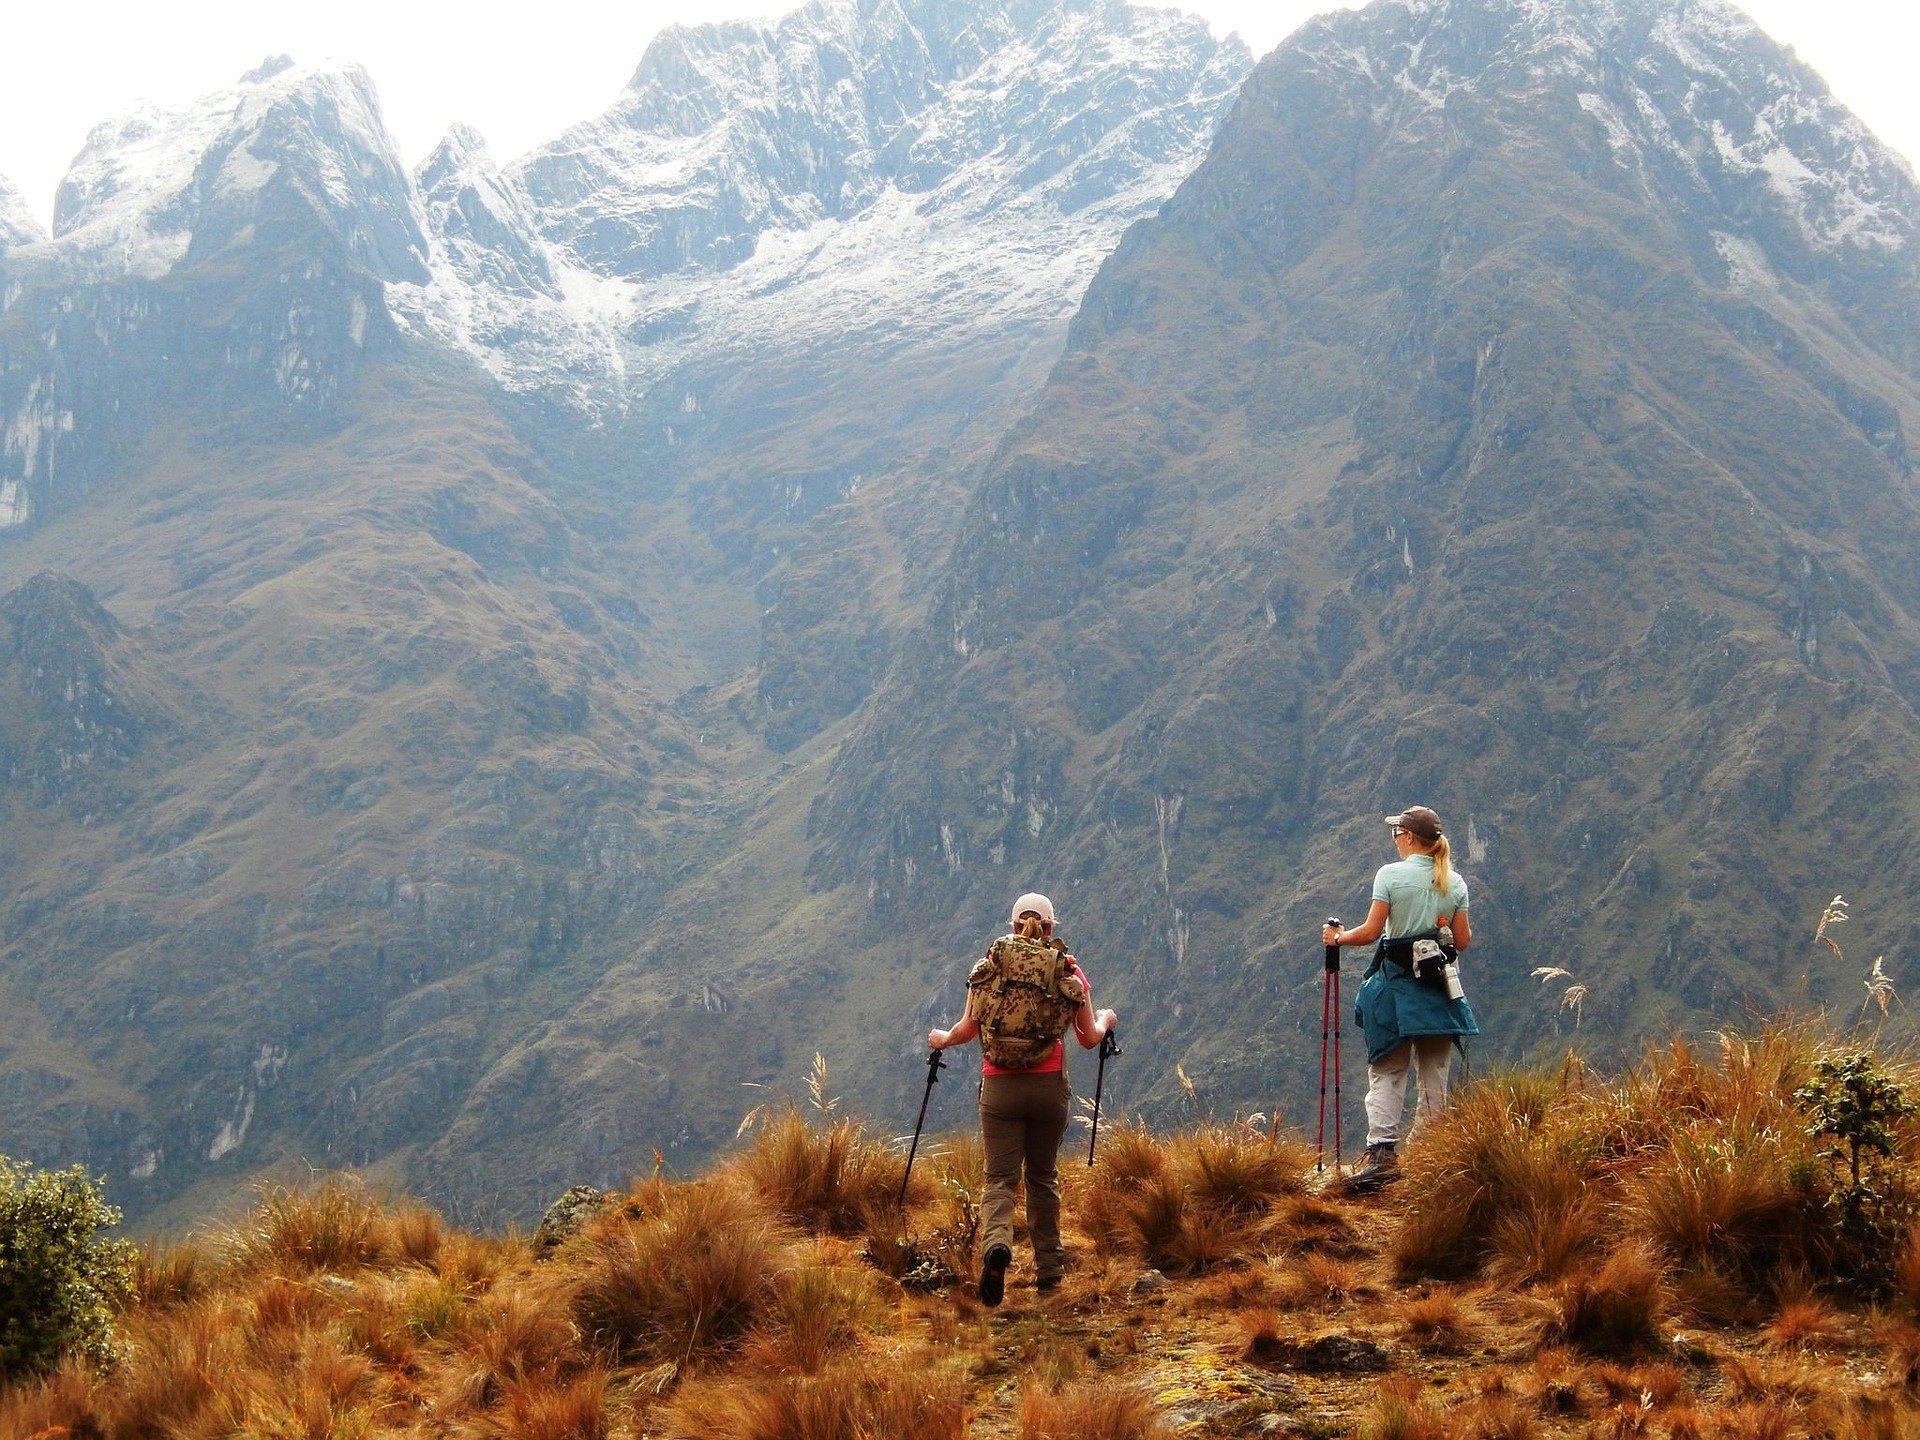 Imposante Ausblicke auf dem Inka-Trail - Top 10 Sehenswürdigkeiten im Hochland Perus